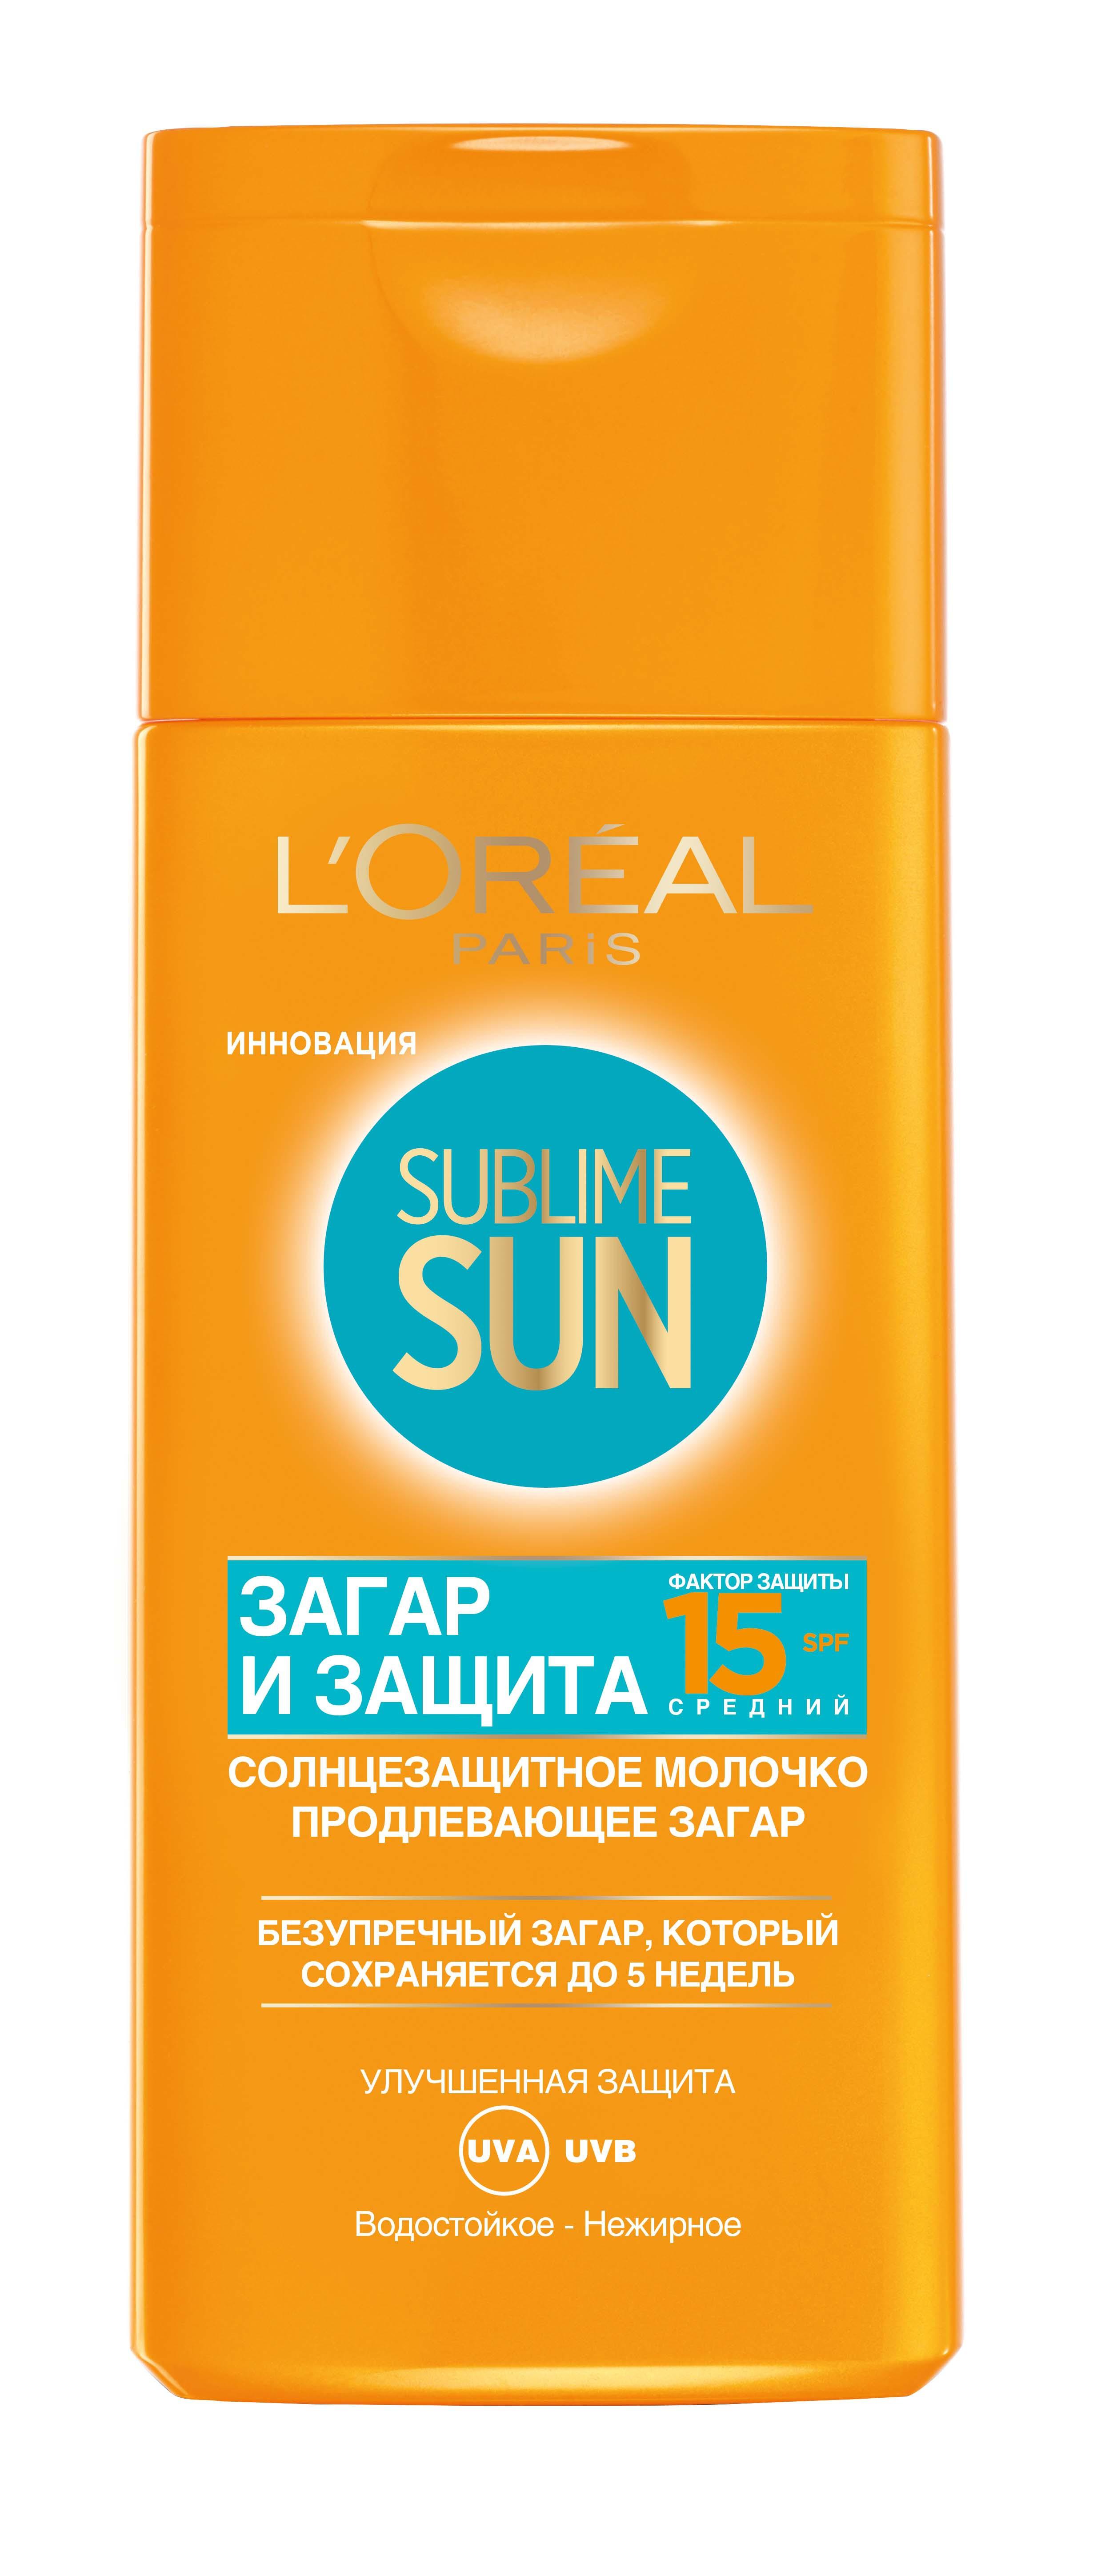 LOreal Paris Sublime Sun Молочко для тела Загар и Защита, солнцезащитное, SPF15, 200 мл1*11207Солнцезащитное молочко для тела «Sublime Sun, Загар и Защита» отлично подойдет для непринужденного пляжного отдыха. Благодаря специальной системе фильтровMexoryl SX и комплексному Усилителю Загара средство стимулирует естественную выработку меланина для ровного и стойкого загара. Тщательно подобранный комплекс витаминов и антиоксидантов защищает от негативного влияния УФ-лучей. Питательный комплекс Продление Загара обеспечивает сохранение загара на срок до 5 недель.